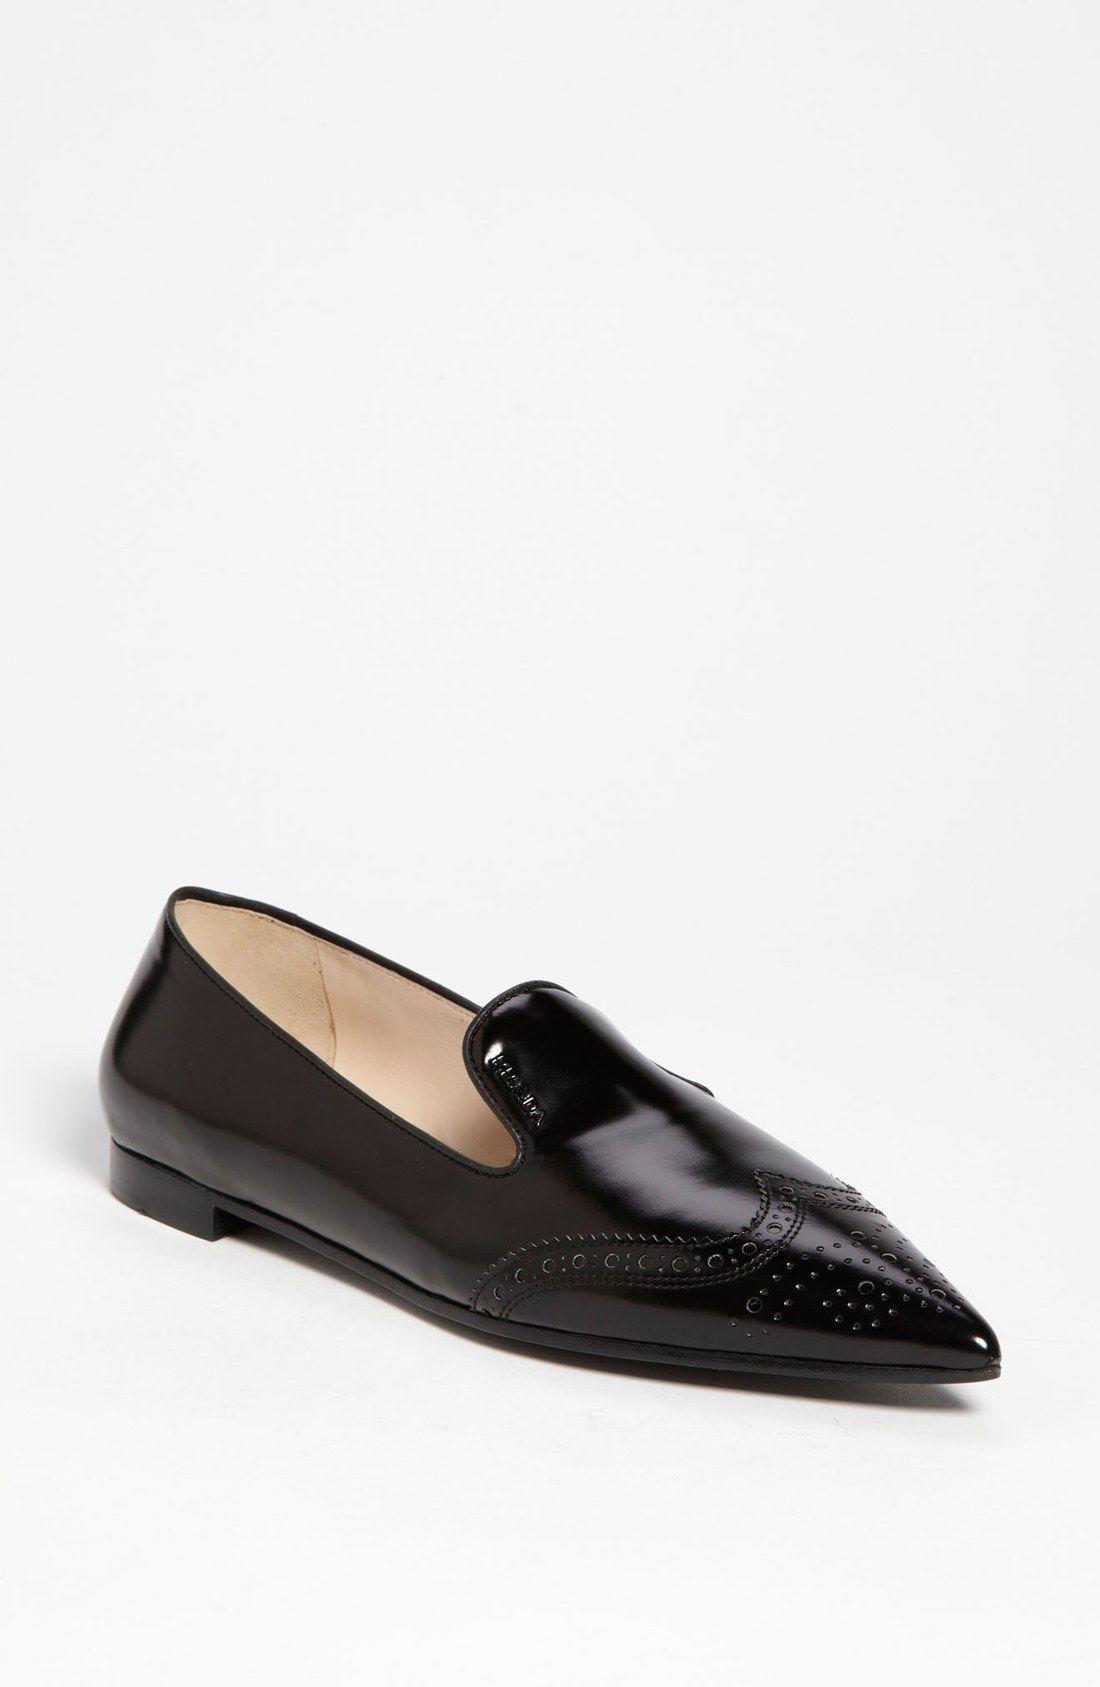 Prada Pointed Platform Loafers tumblr cheap price as72Ji